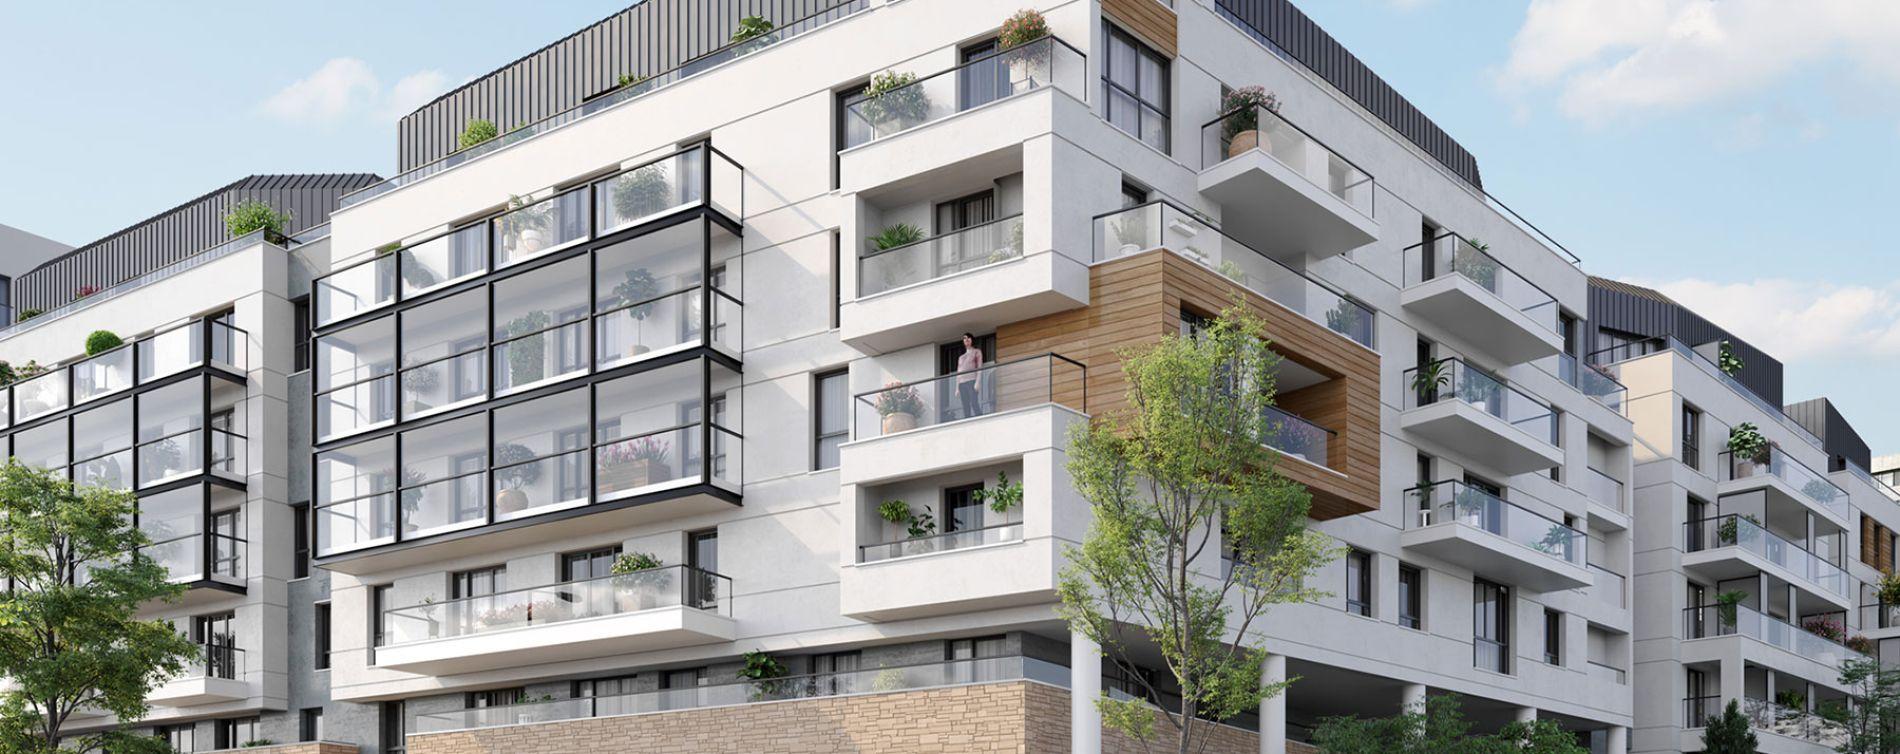 Rueil-Malmaison : programme immobilier neuve « Envies »